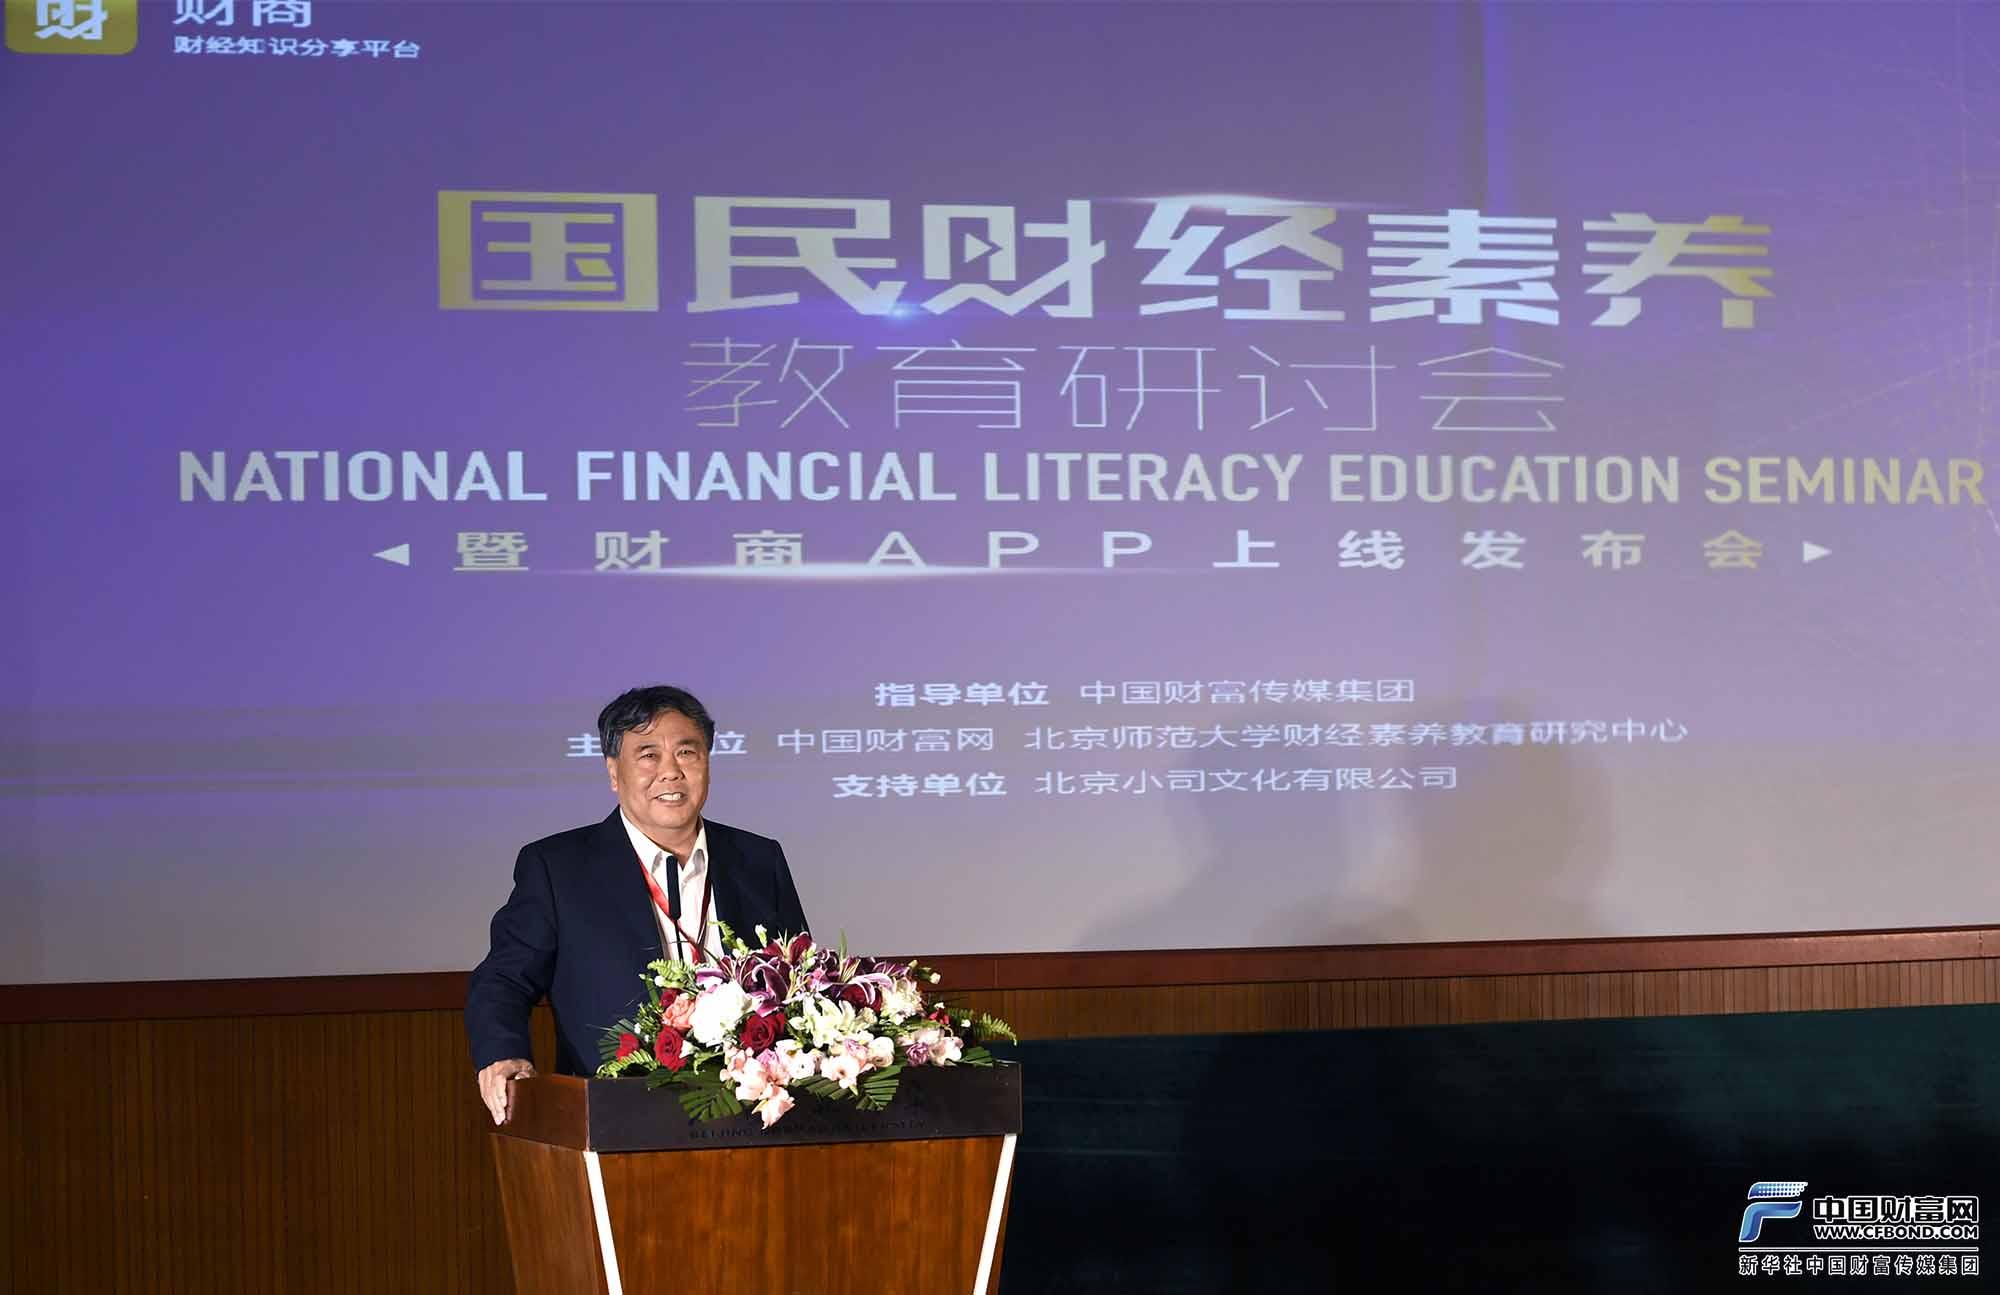 李志民:教育领域将进入互为师生的时代